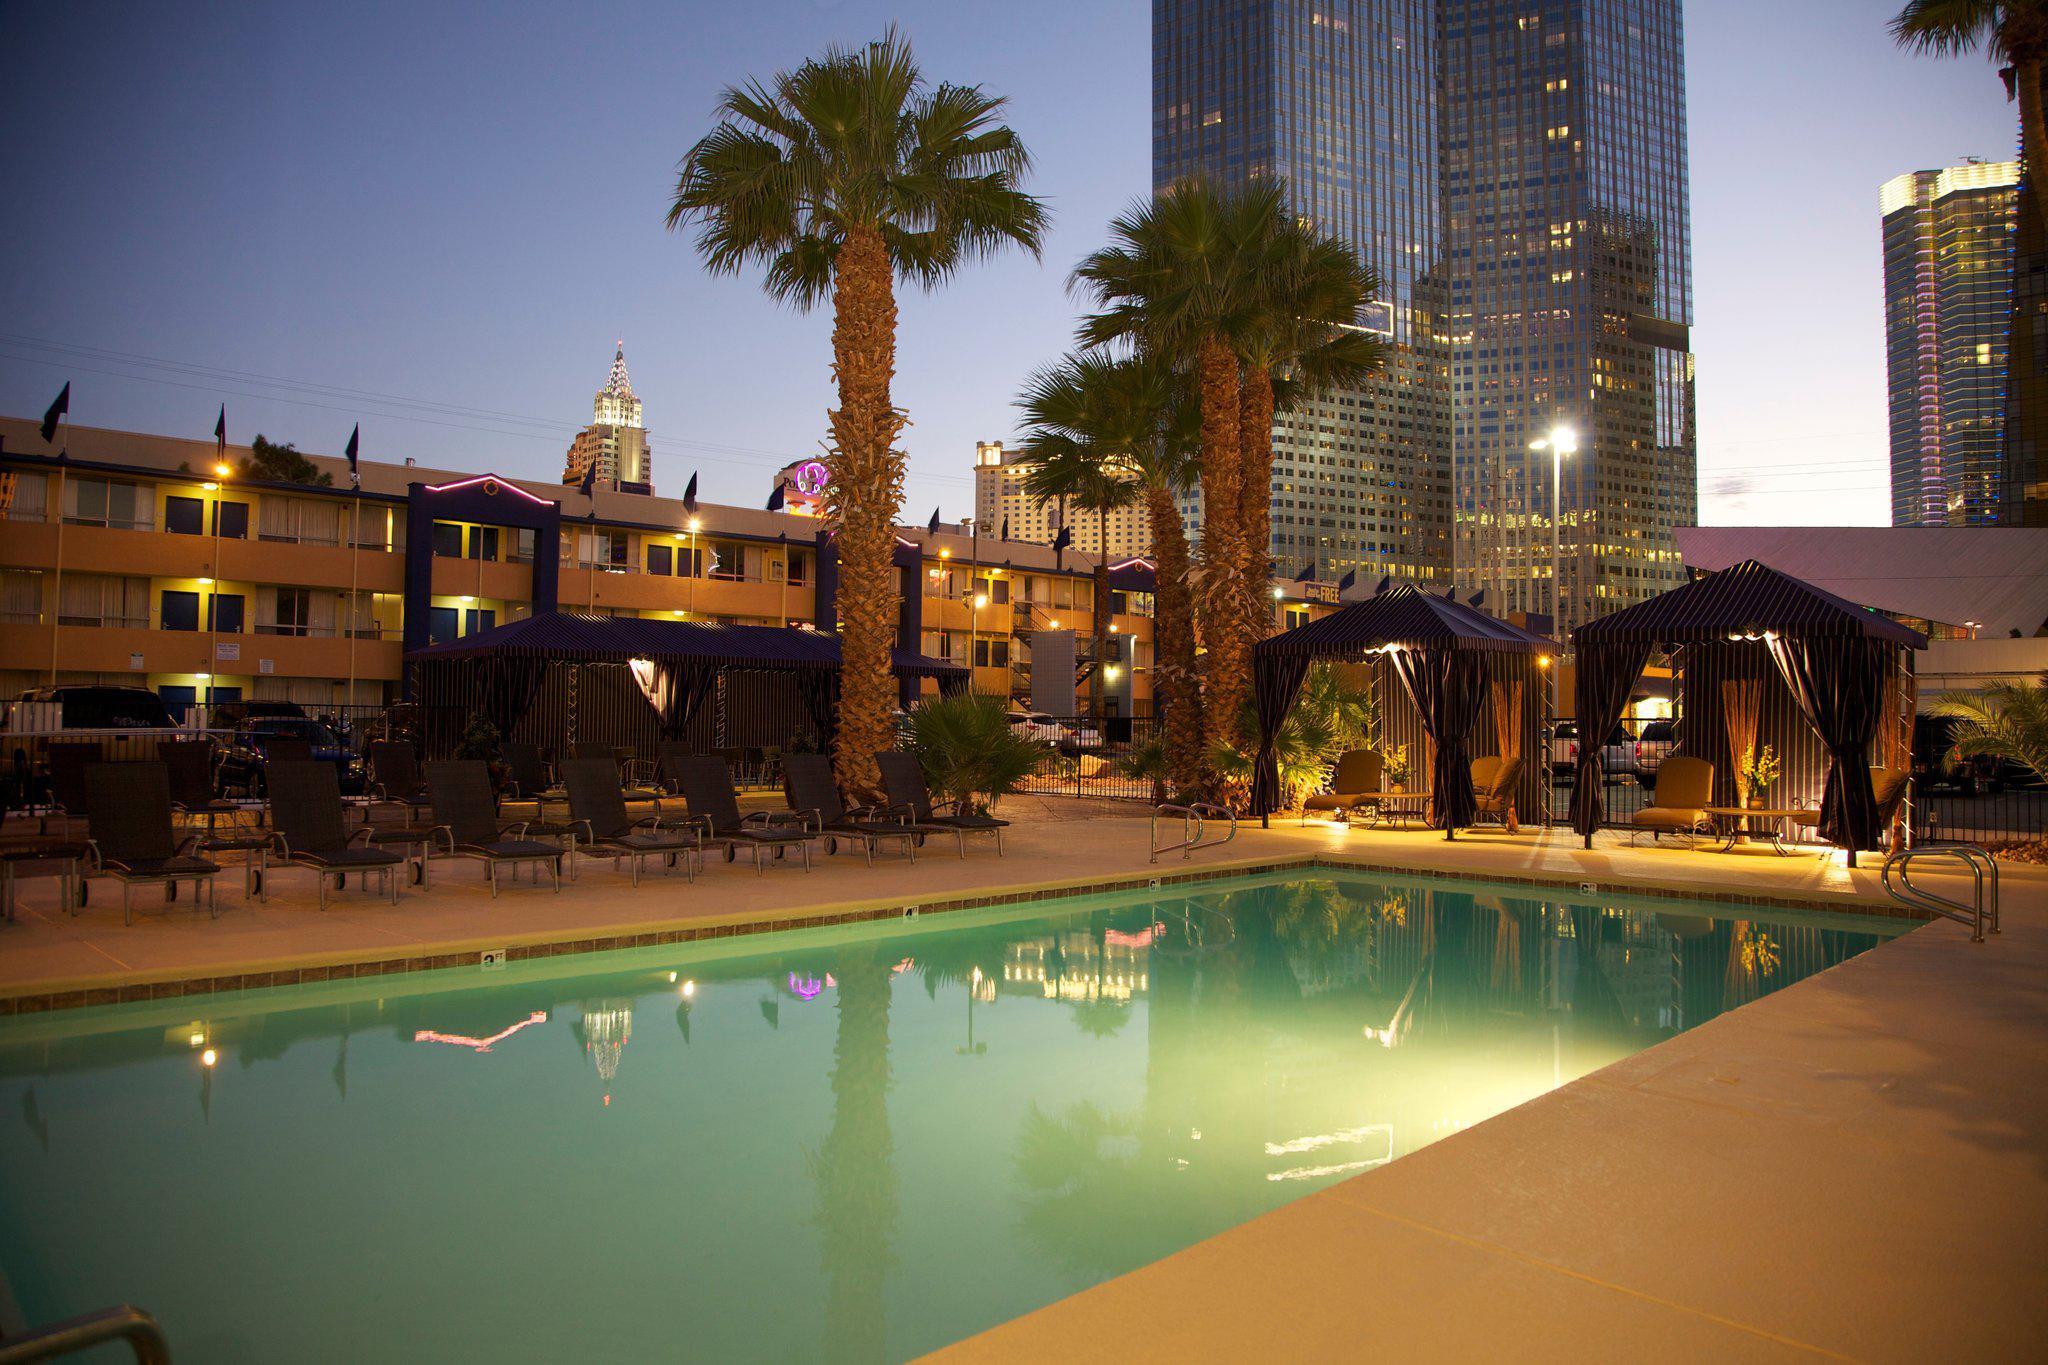 Motels south strip las vegas